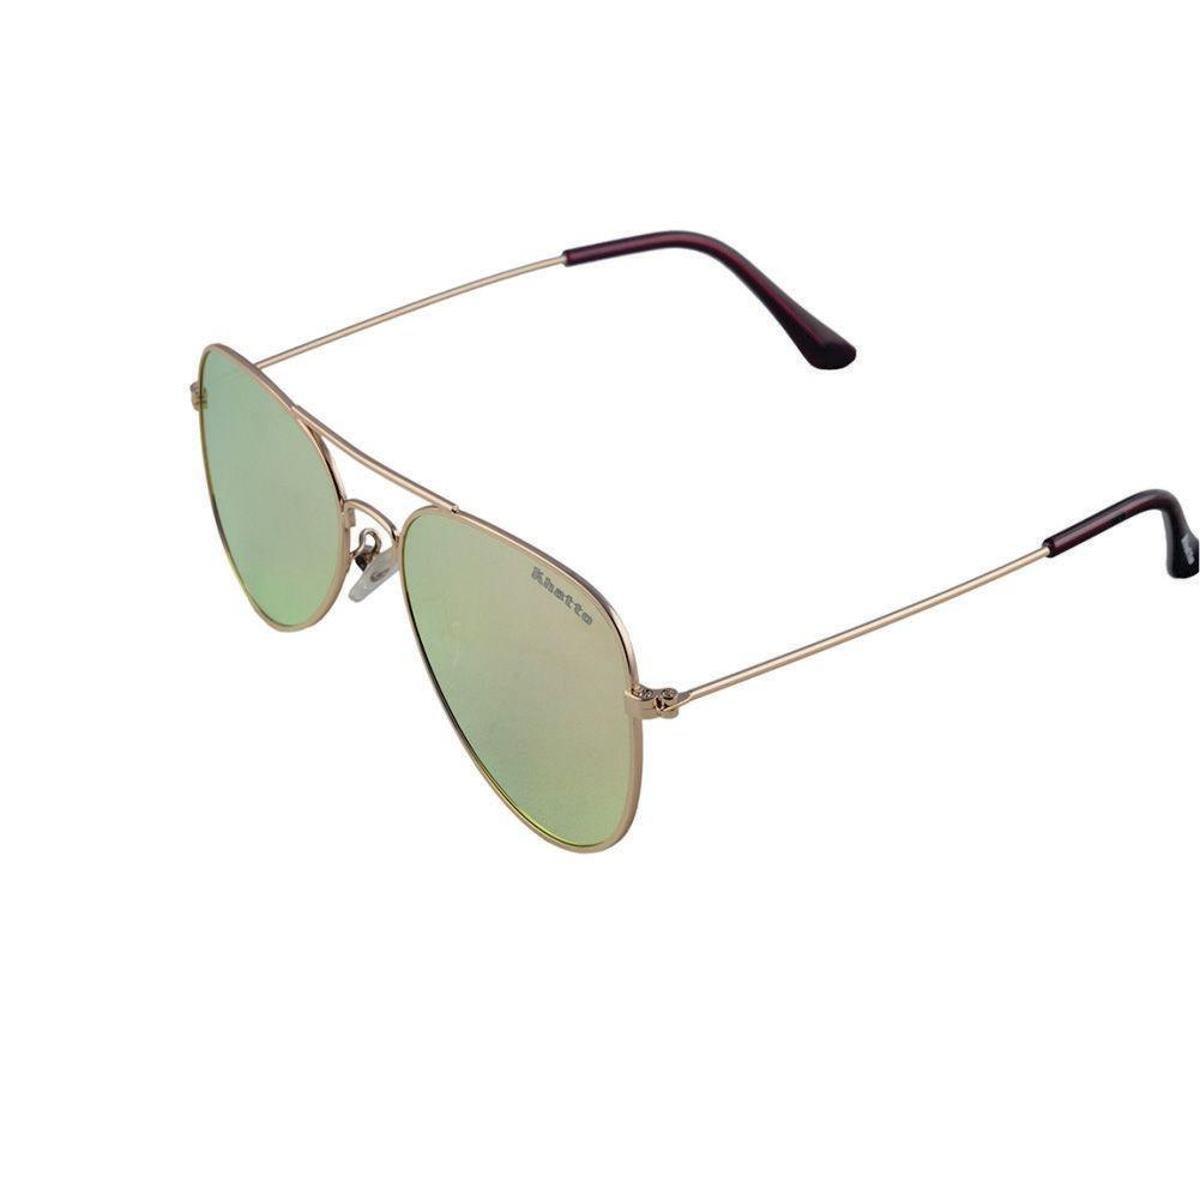 5828f8ecc21e3 Óculos de Sol Khatto Aviador Station Feminino - Compre Agora   Netshoes